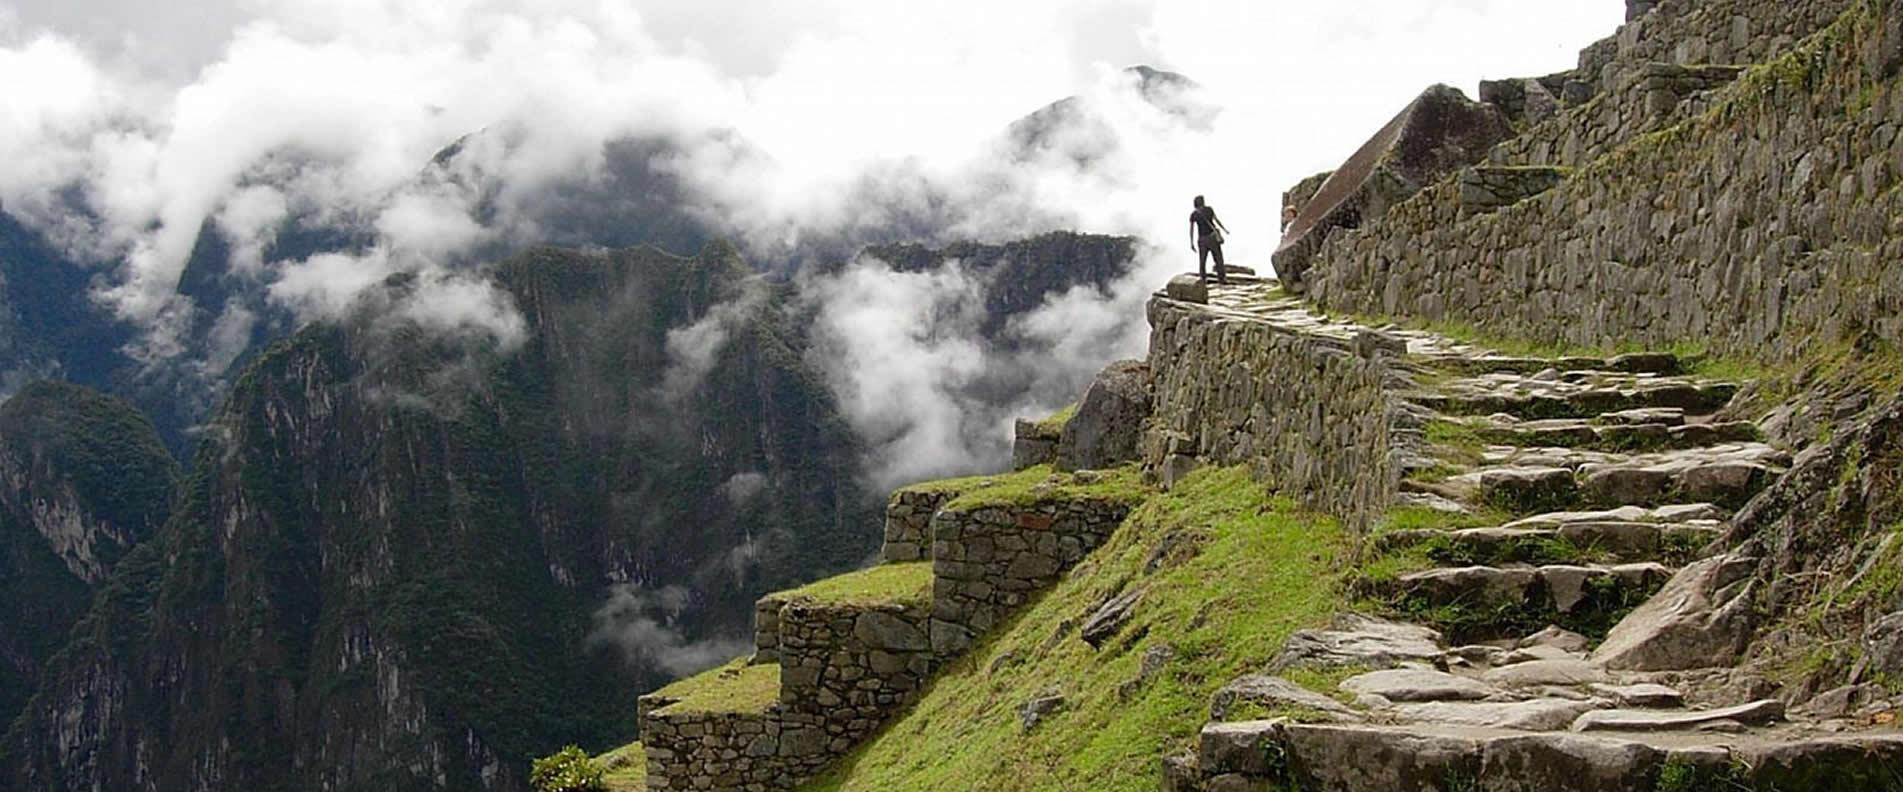 The Inca Trail in Peru